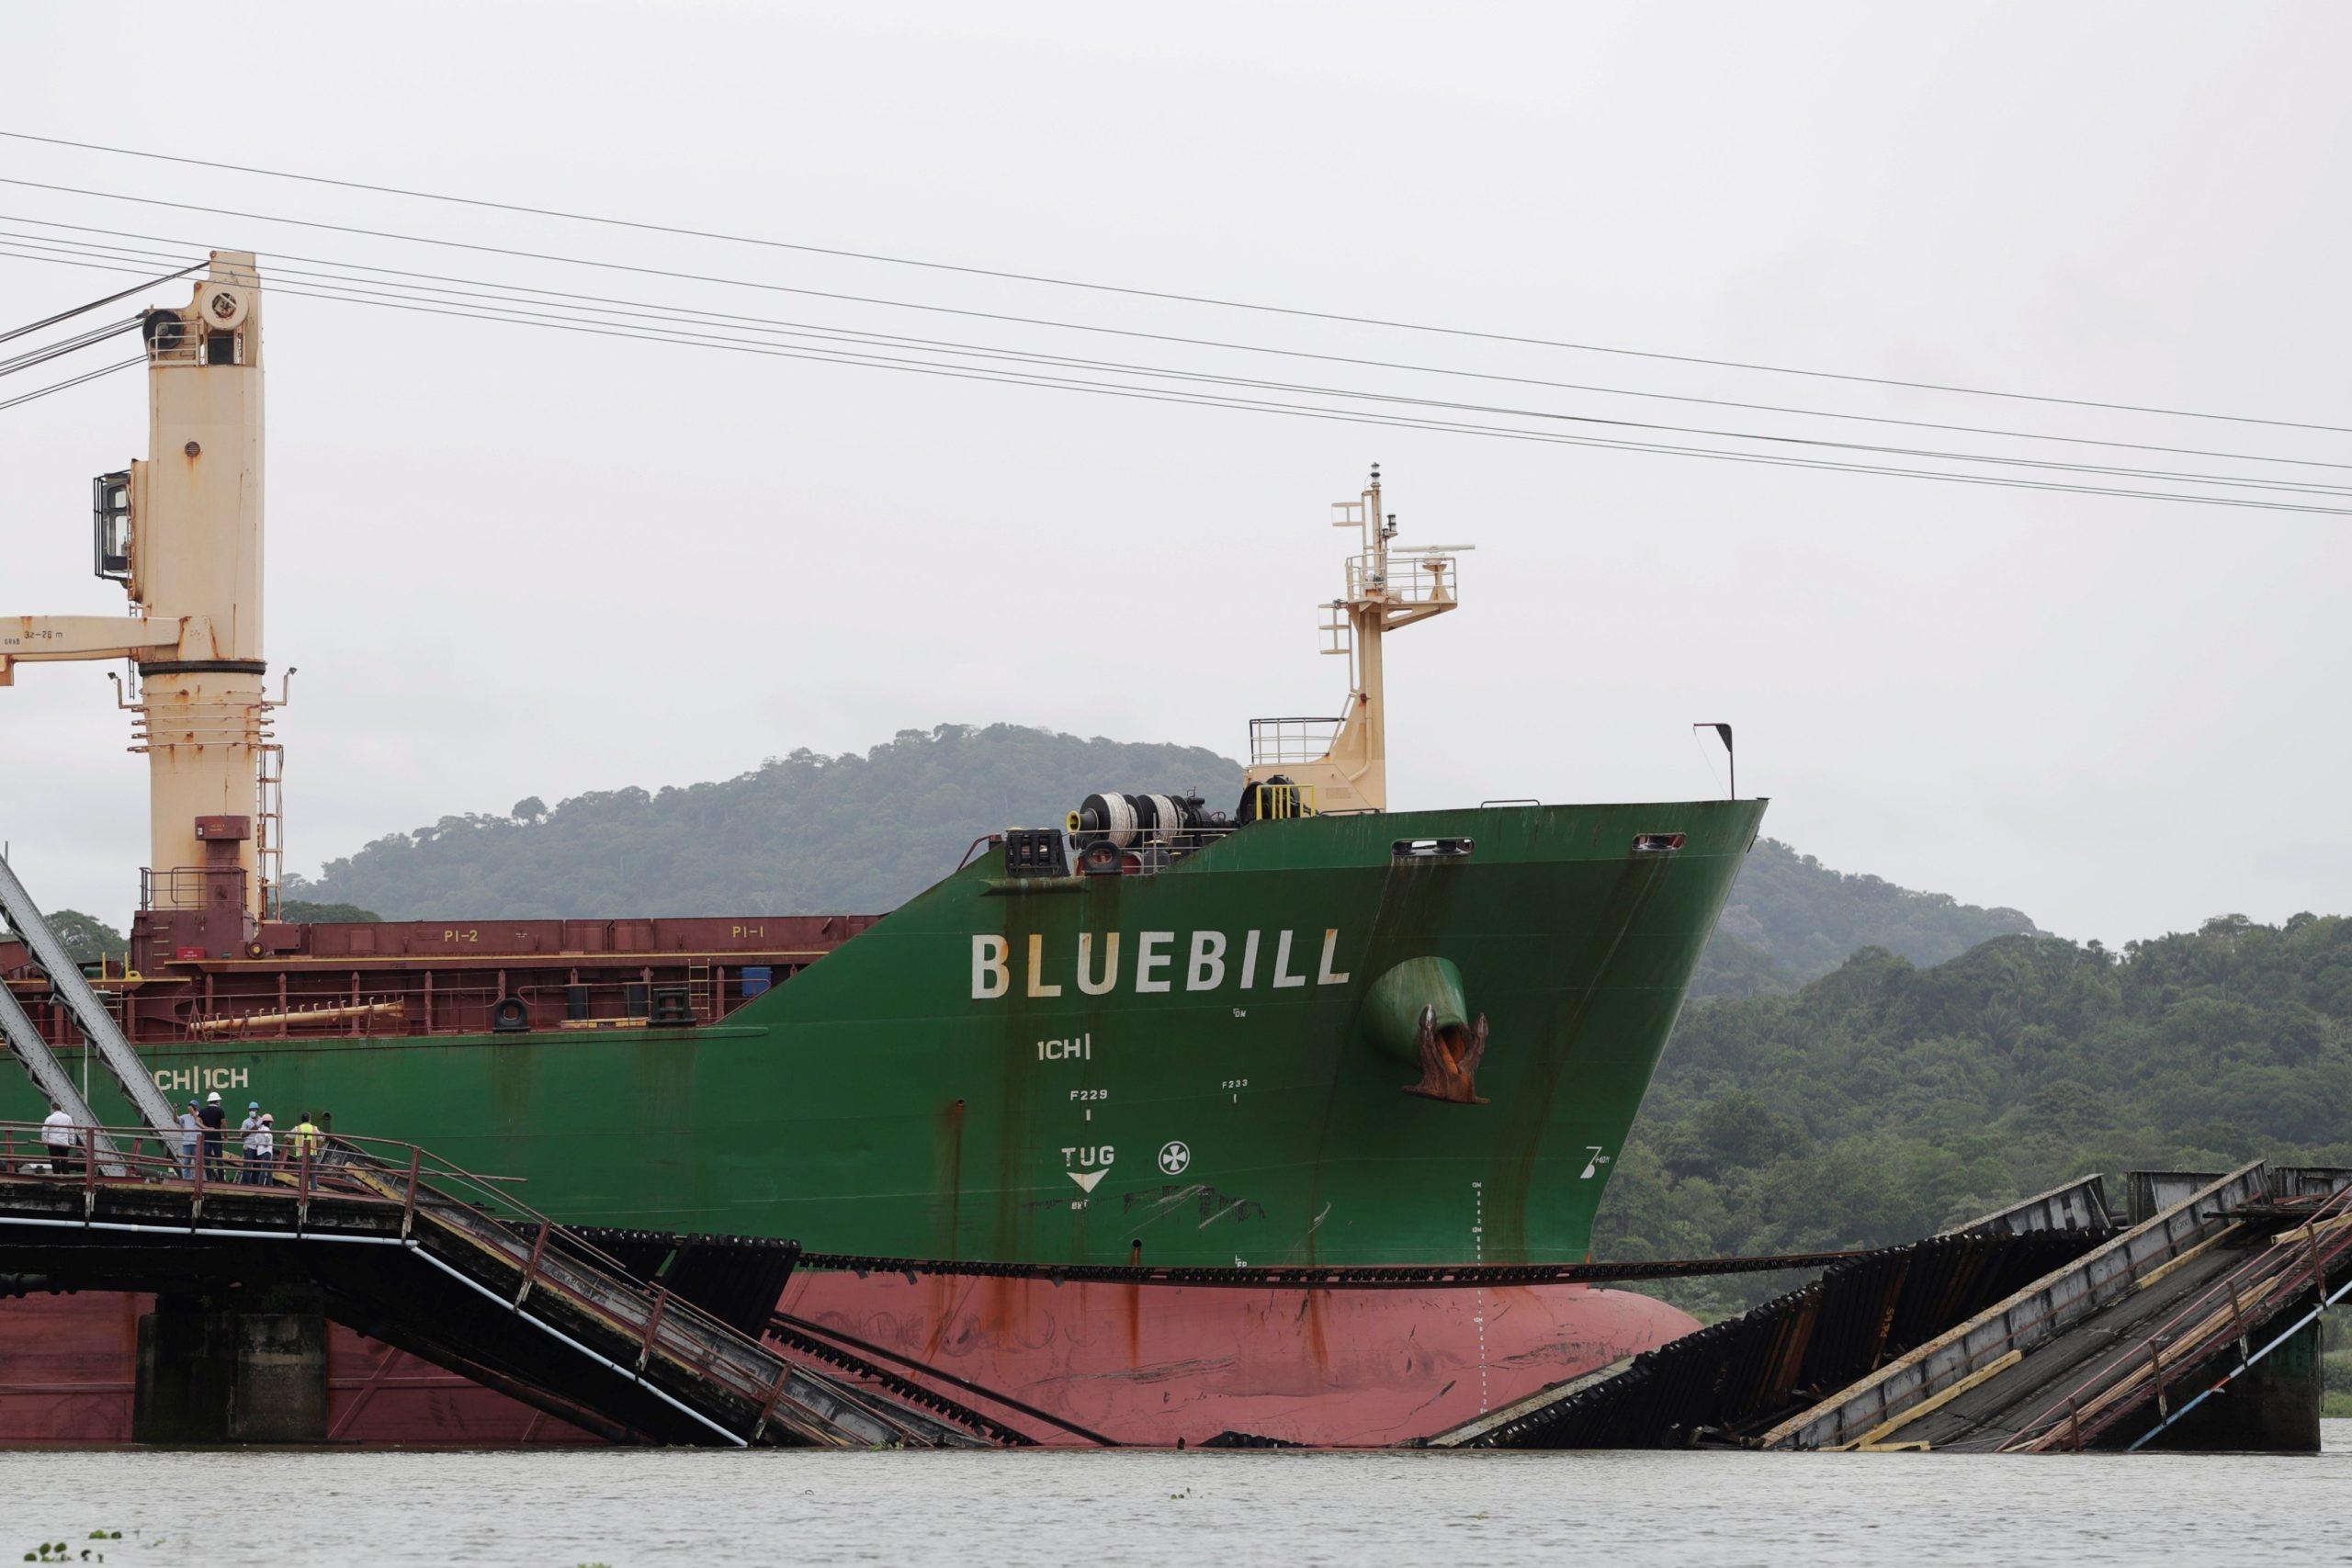 Bluebill